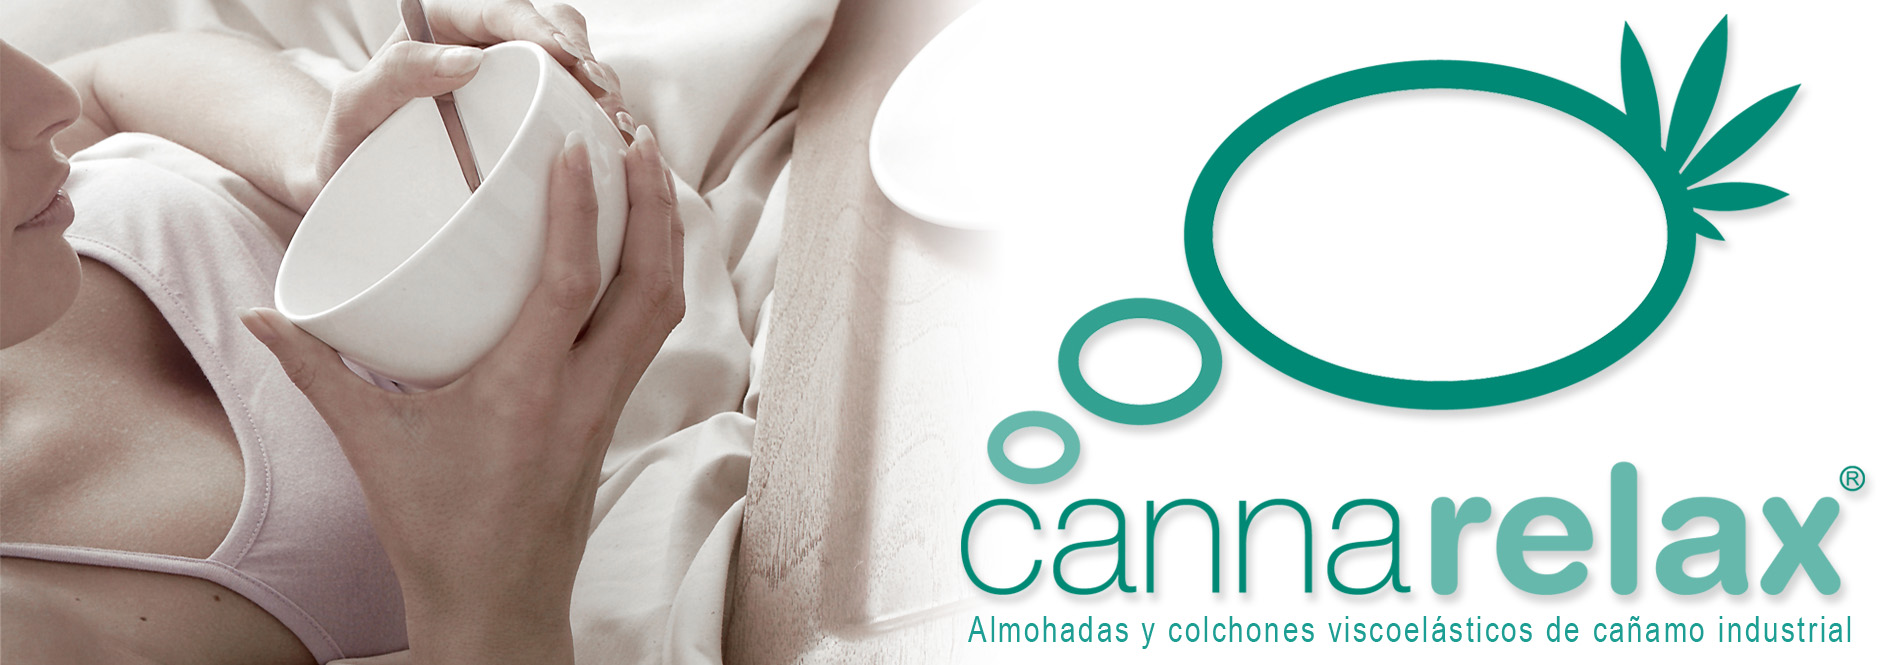 Cannarelax - Almohadas y colchones viscoelásticos de cañamo industrial